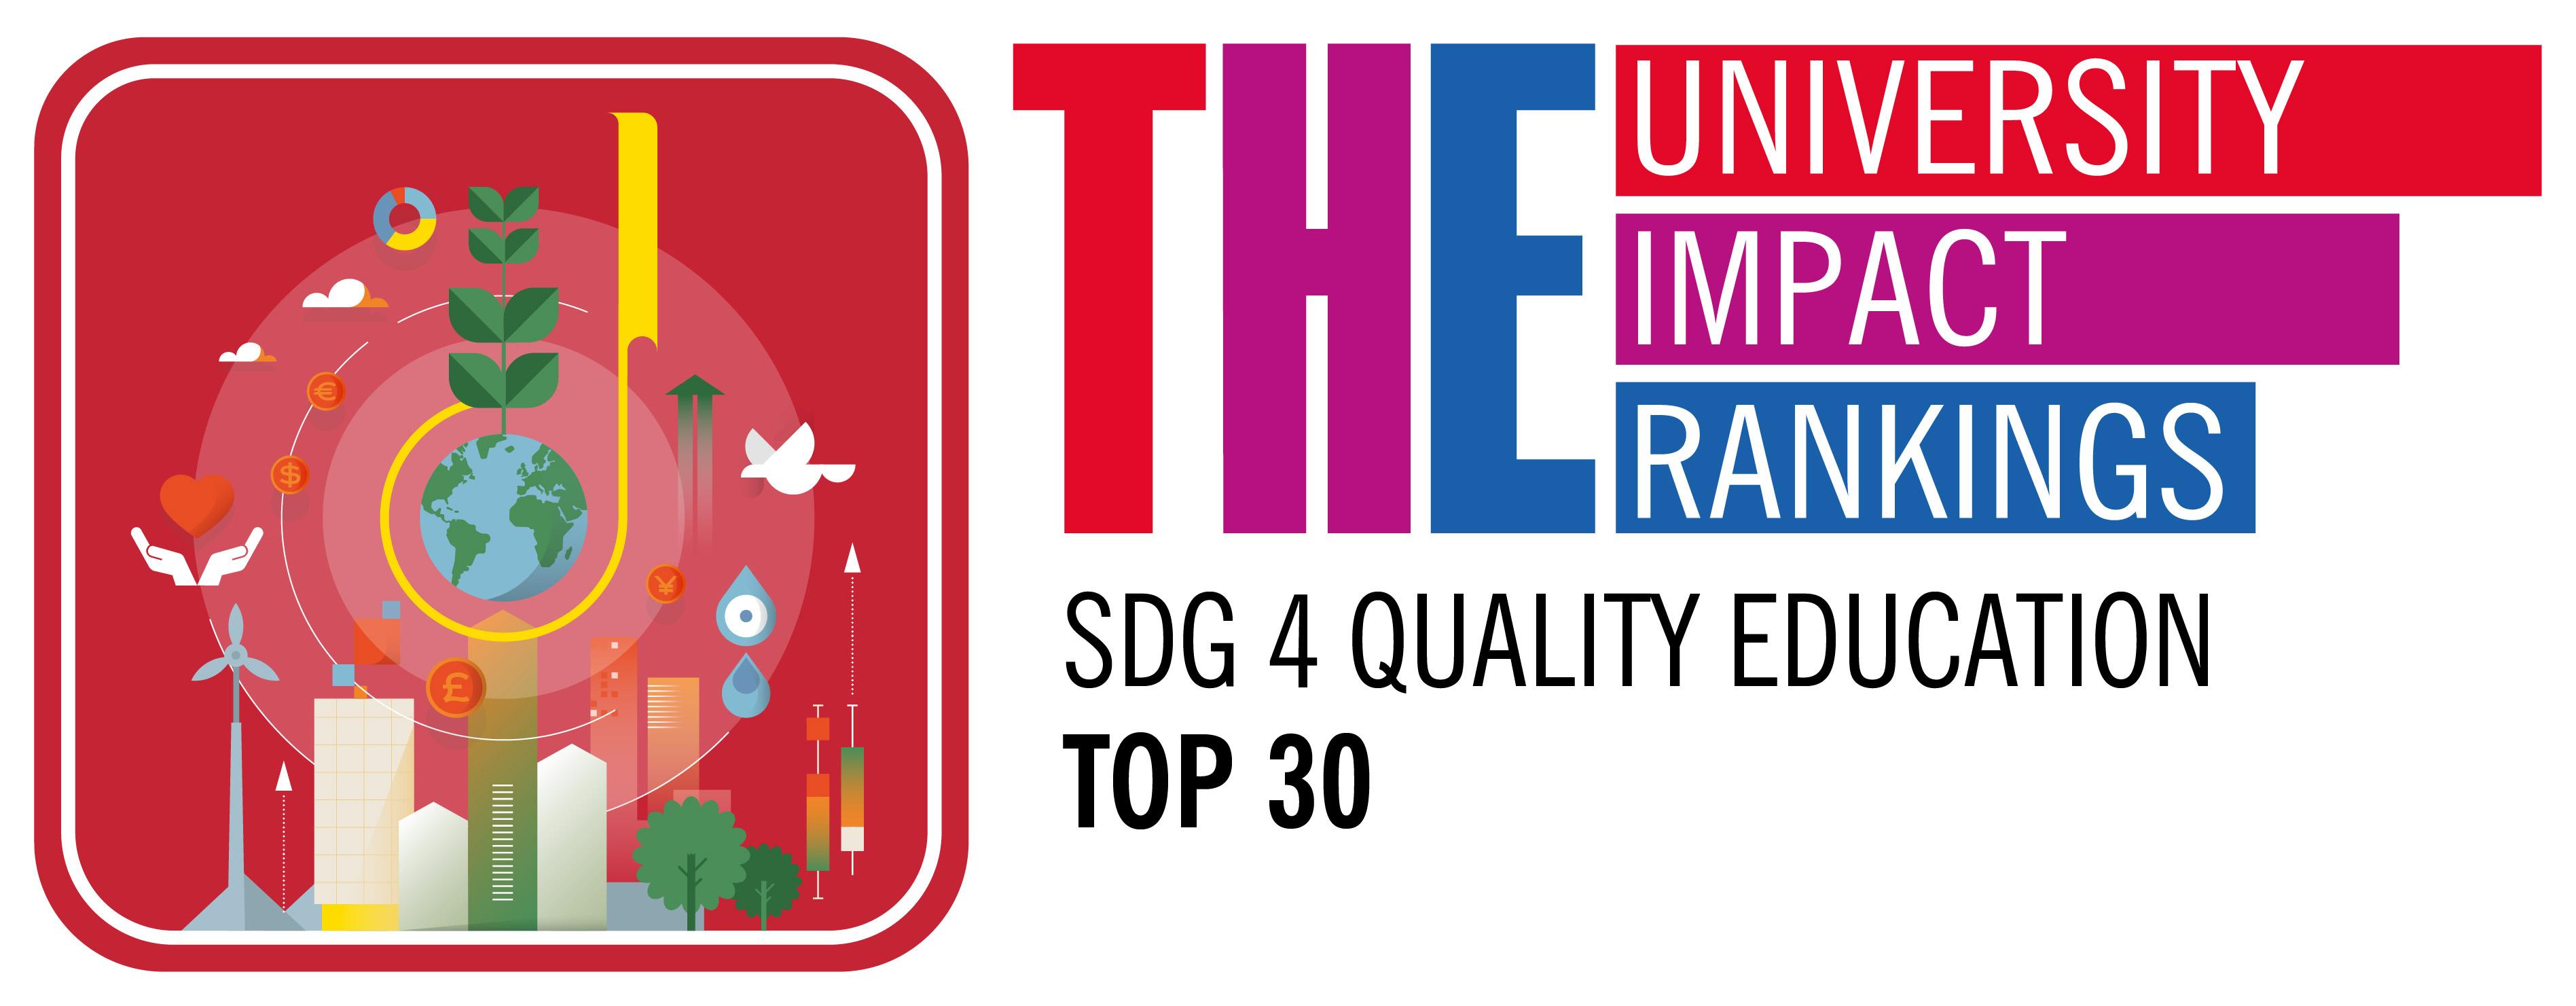 SDG4 Top 30